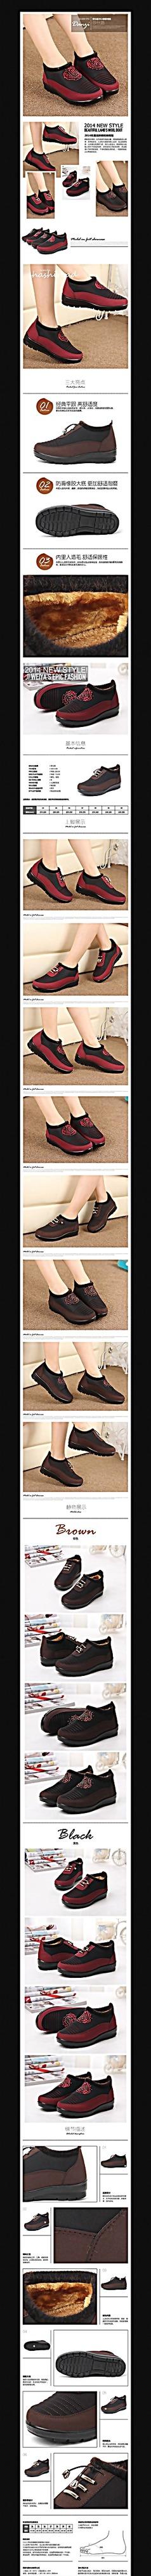 淘宝时尚棉鞋详情页描述PSD模板